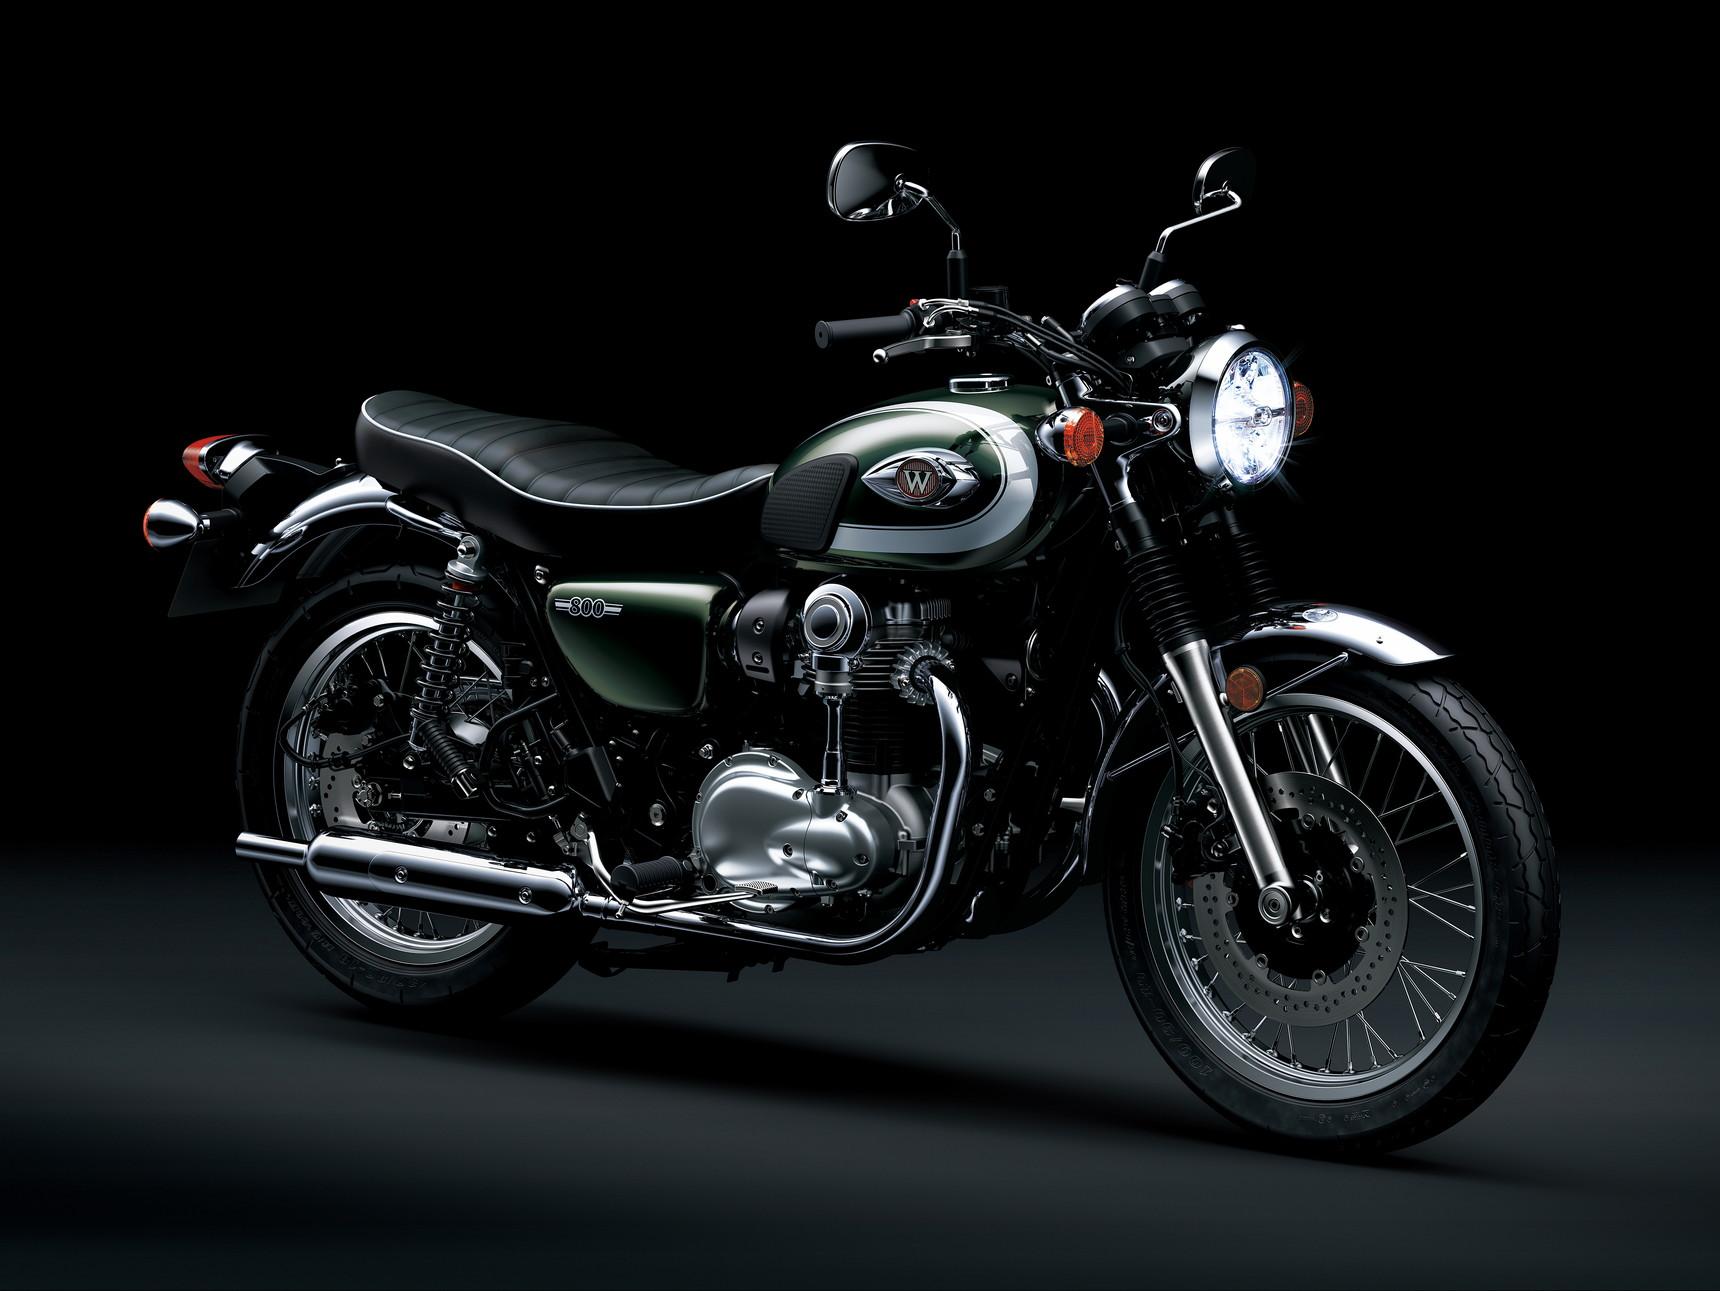 Dopo la Street e la Caf&eacute;, ecco la terza versione della Kawasaki W800. Monta il motore bicilindrico da 773 cc raffreddato ad aria, ma di color argento con alcune parti verniciate di nero. All&#39;anteriore compare un cerchio da 19 pollici. Tornano arancioni gli indicatori di direzione. Si rif&agrave; al classico anche la strumentazione. Nuovo il parafango cromato, ma anche manubrio, specchietti e pedali.<br /><br />